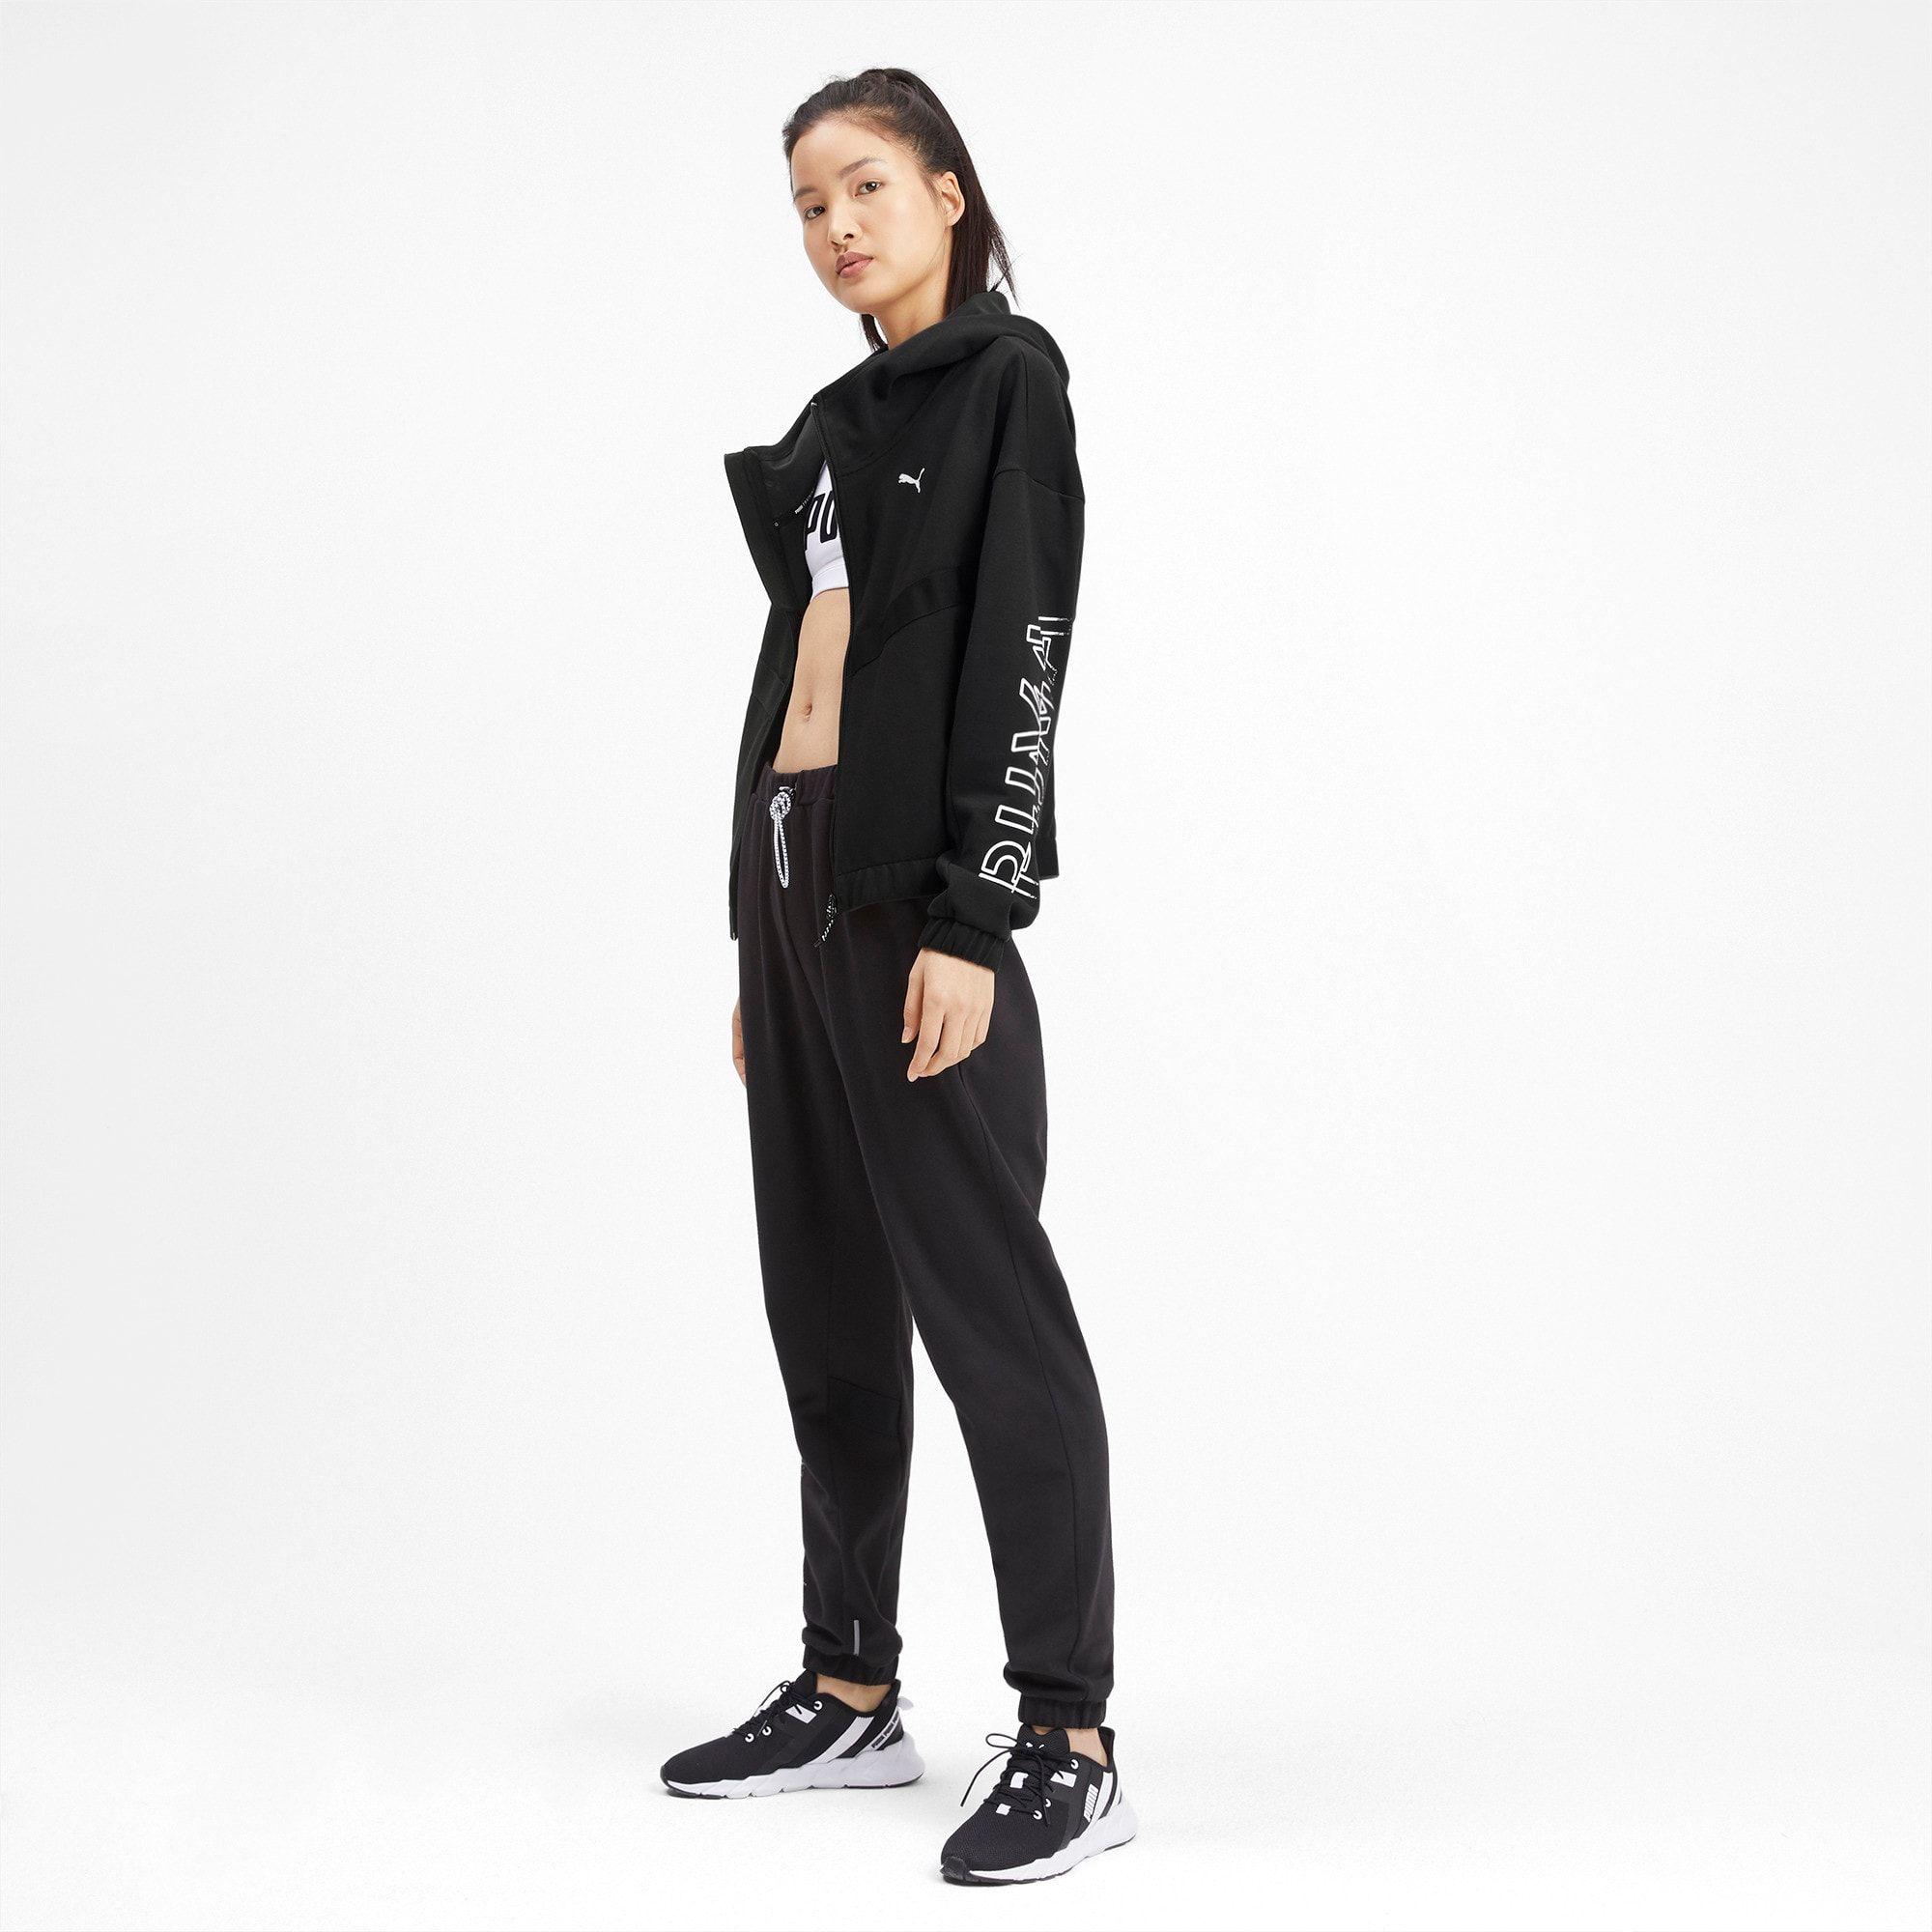 PUMA HIT Feel IT Knitted Women's Training Sweat Jacket in